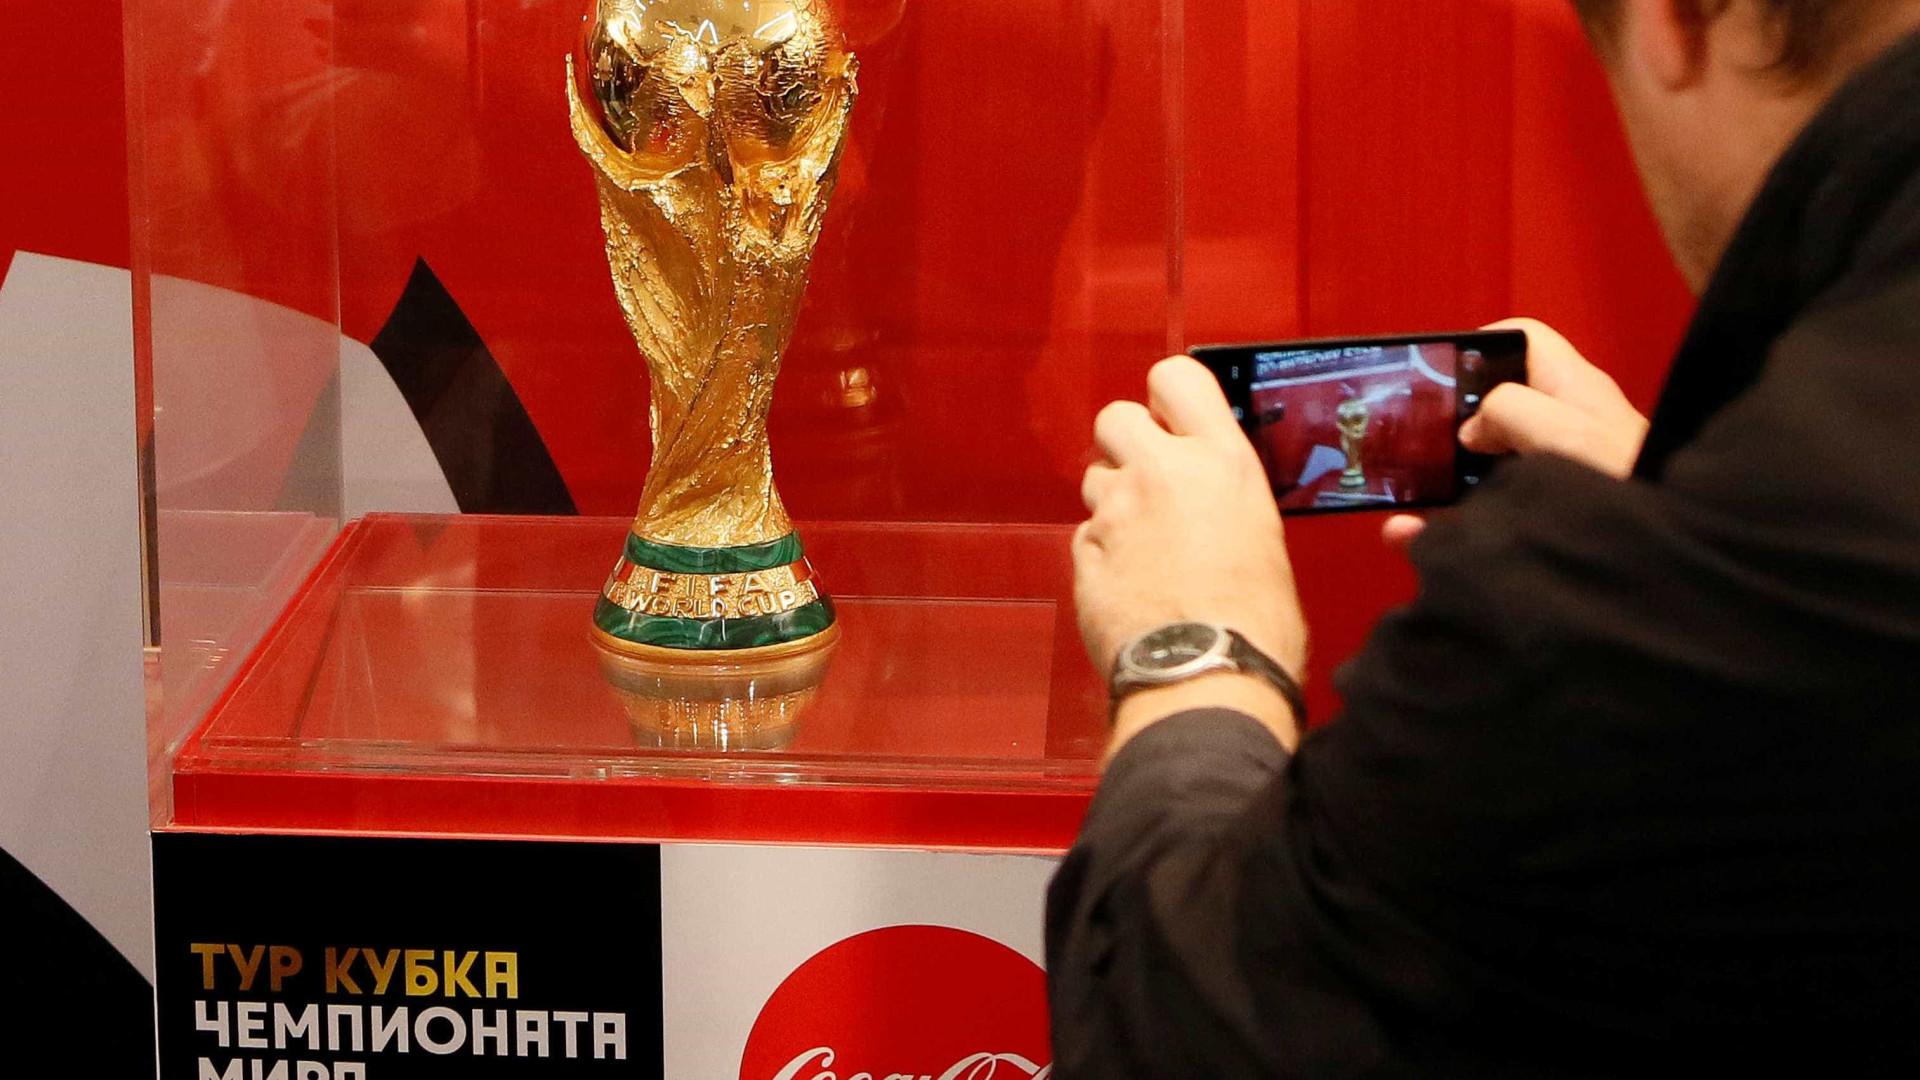 Venda de ingressos da Copa encerra 1ª etapa com 3,5 milhões de pedidos